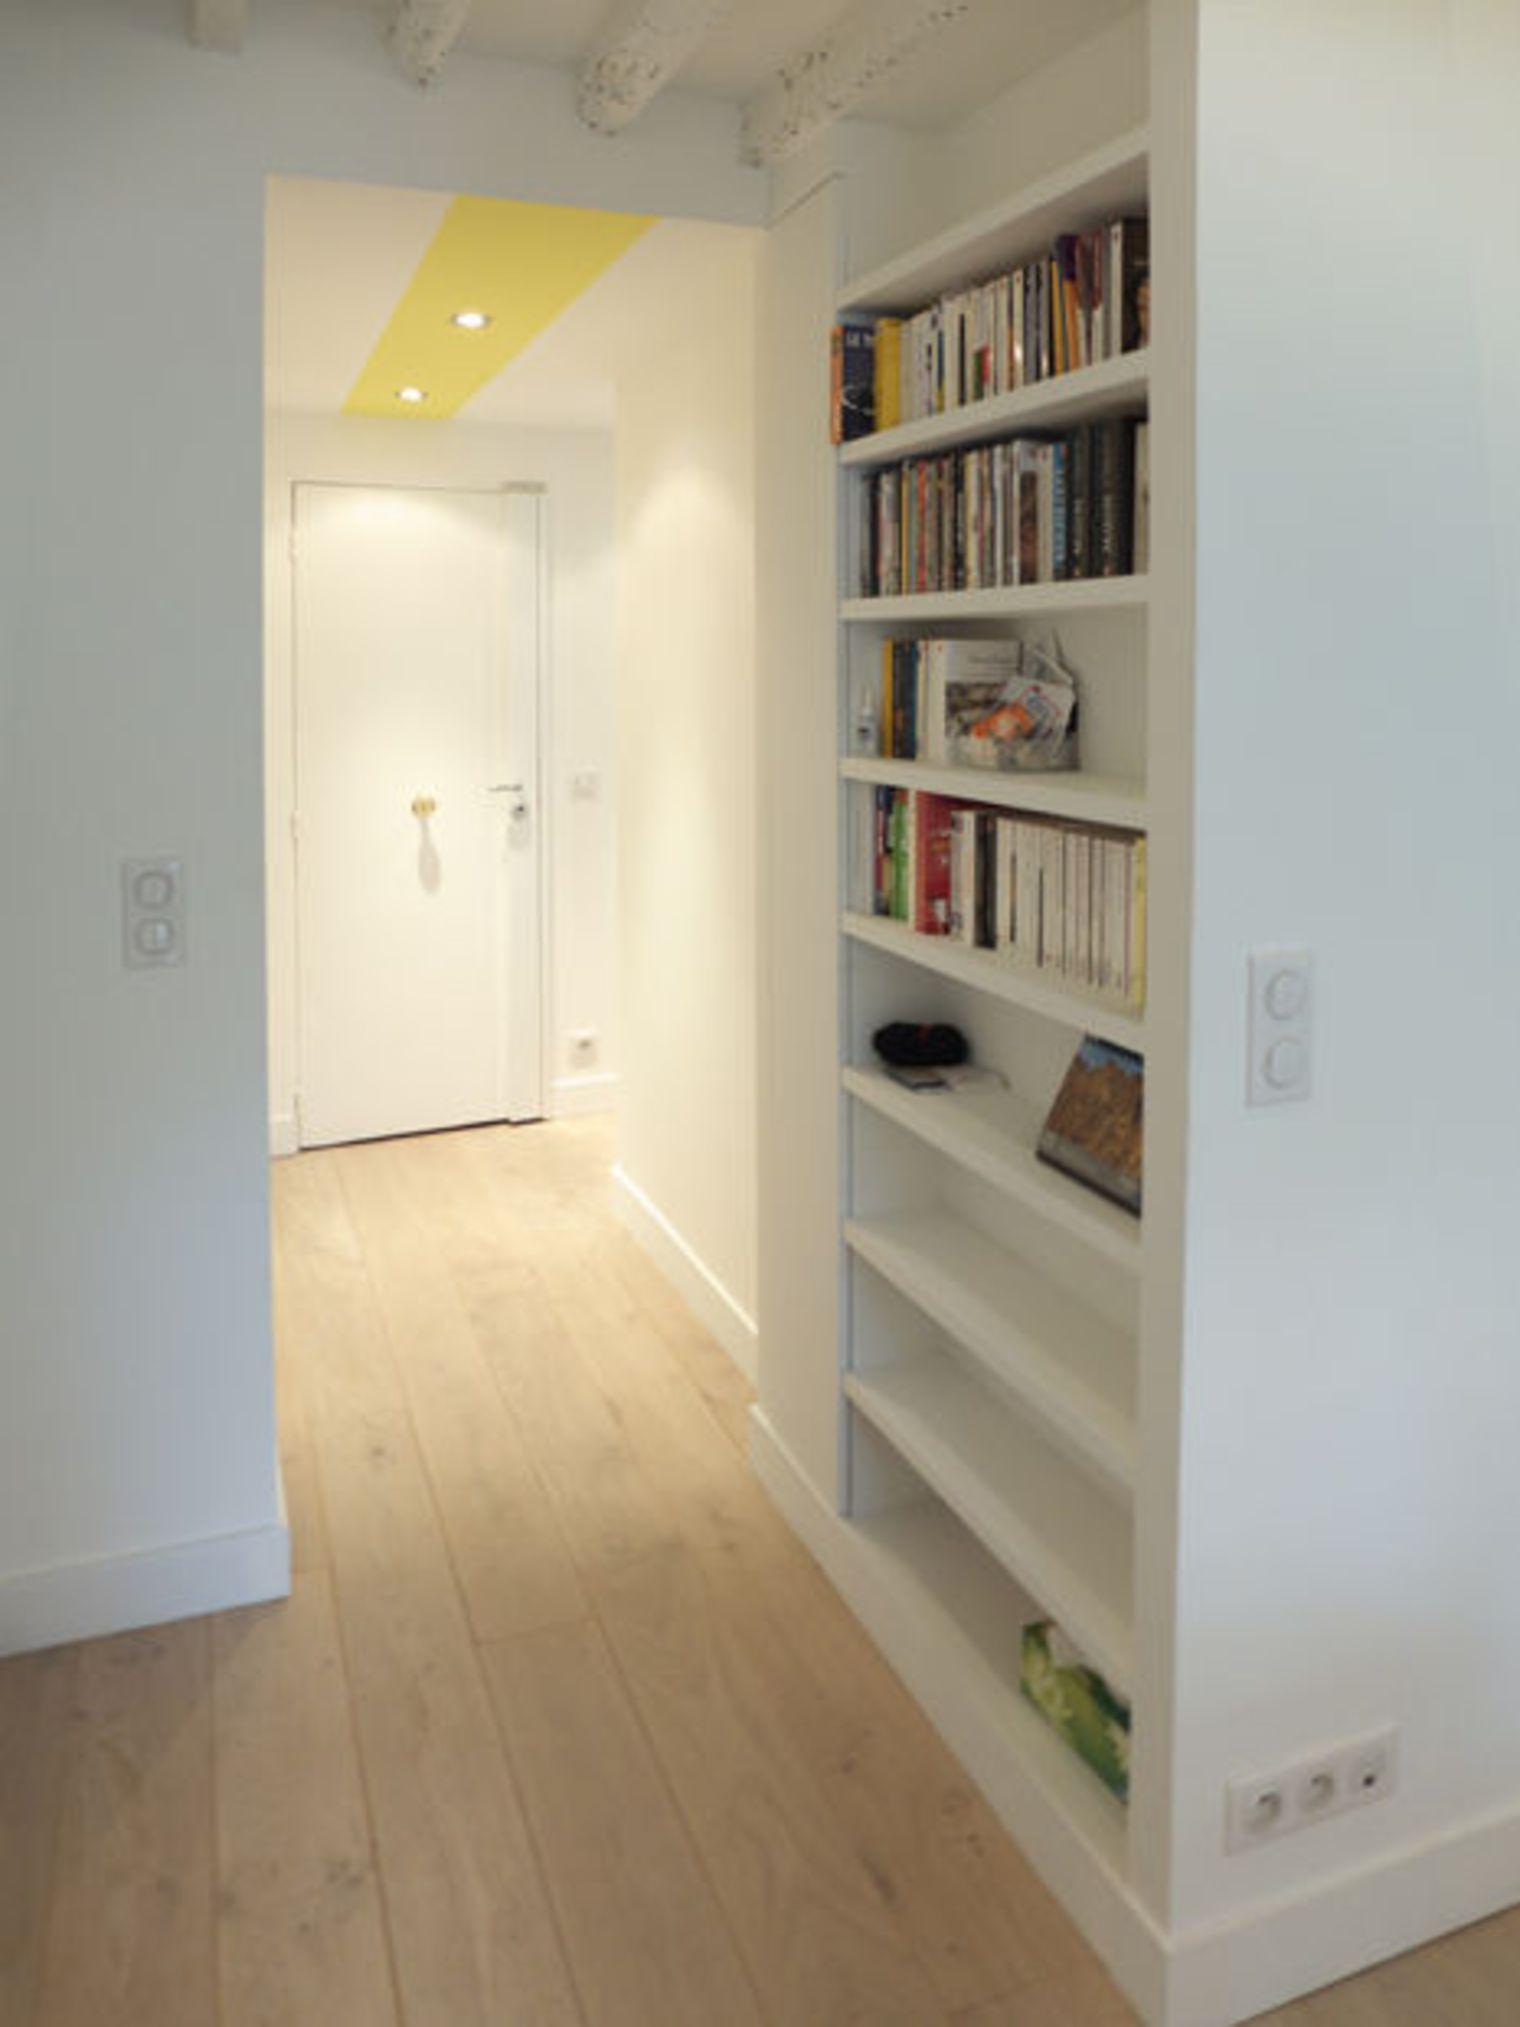 Aménagement maison : comment aménager une petite salle de bain ?